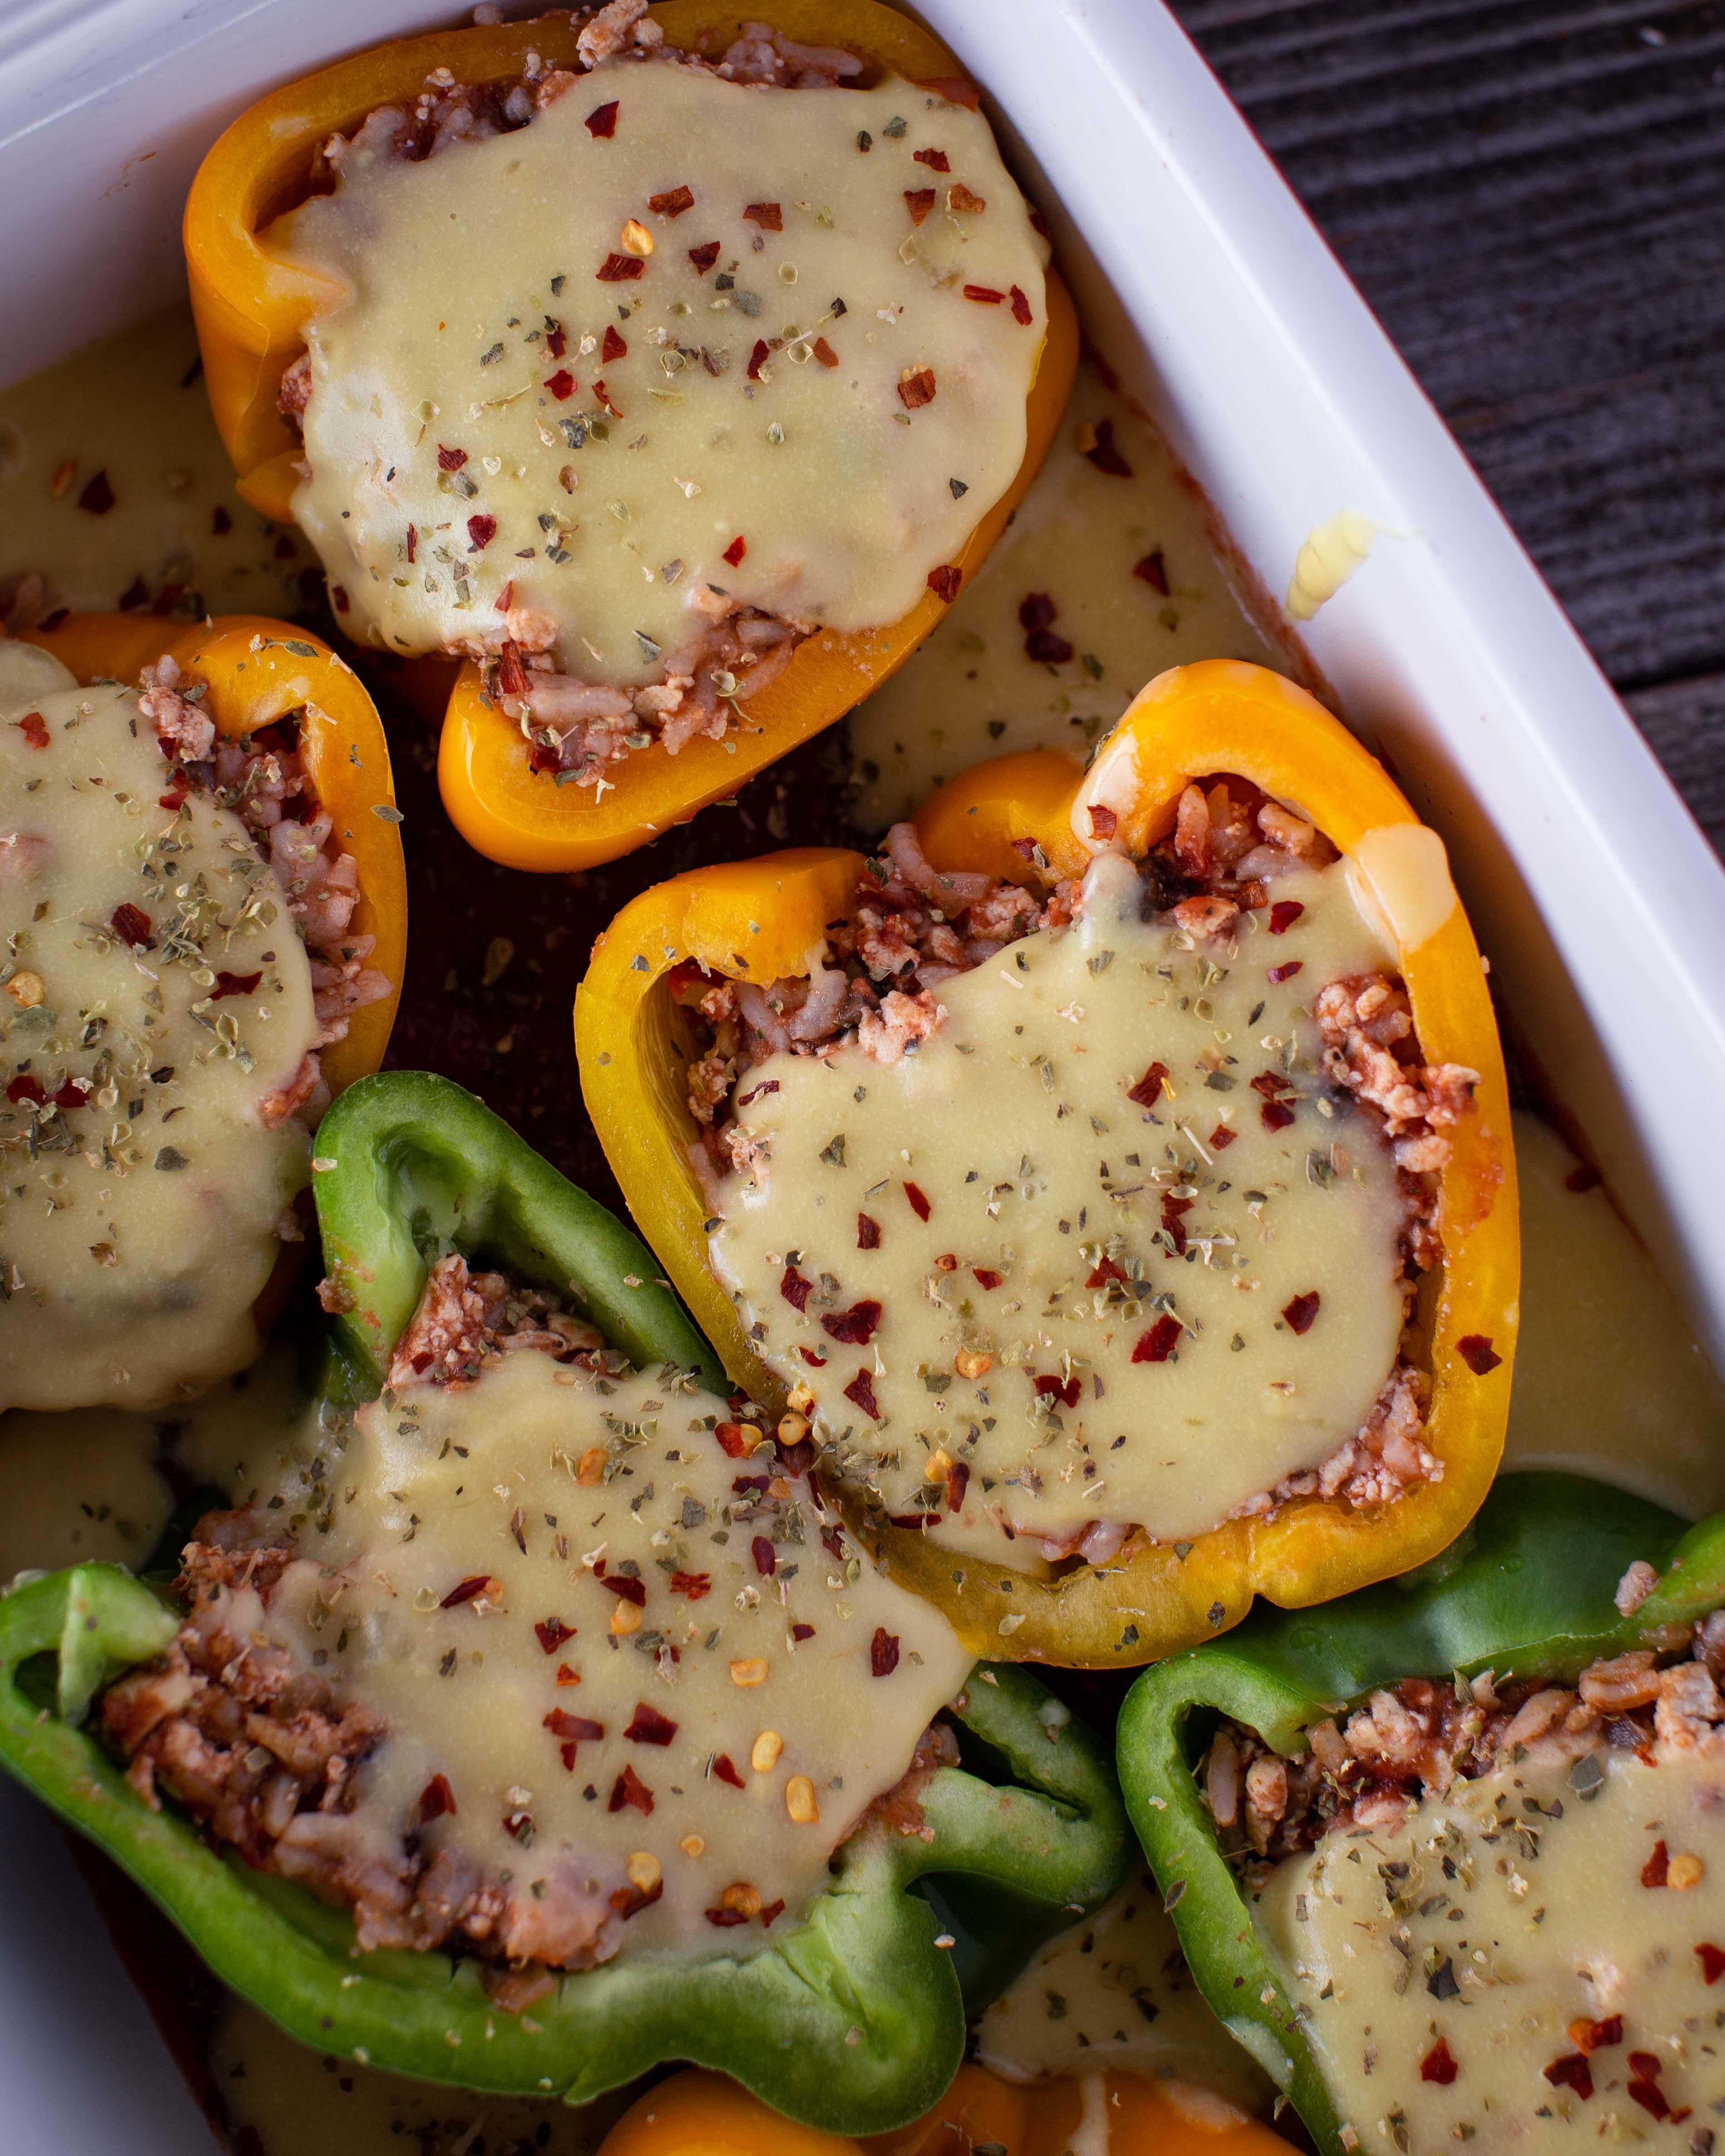 Gefüllte Paprika im Ofen gebacken